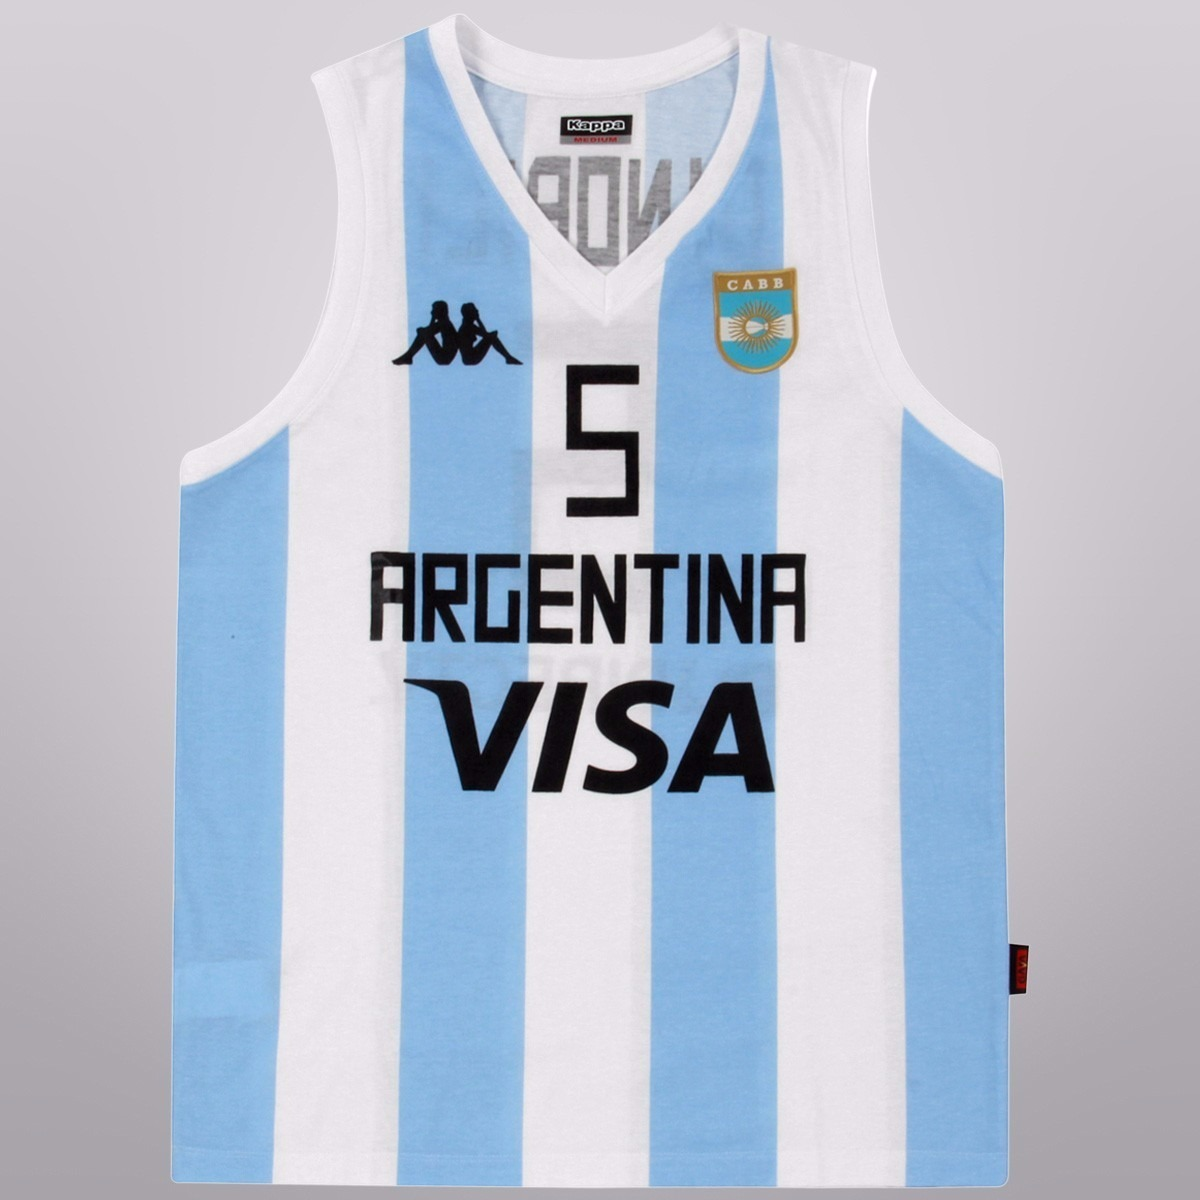 91217c8959de7 camiseta basket kappa cabb seleccion argentina original. Cargando zoom.